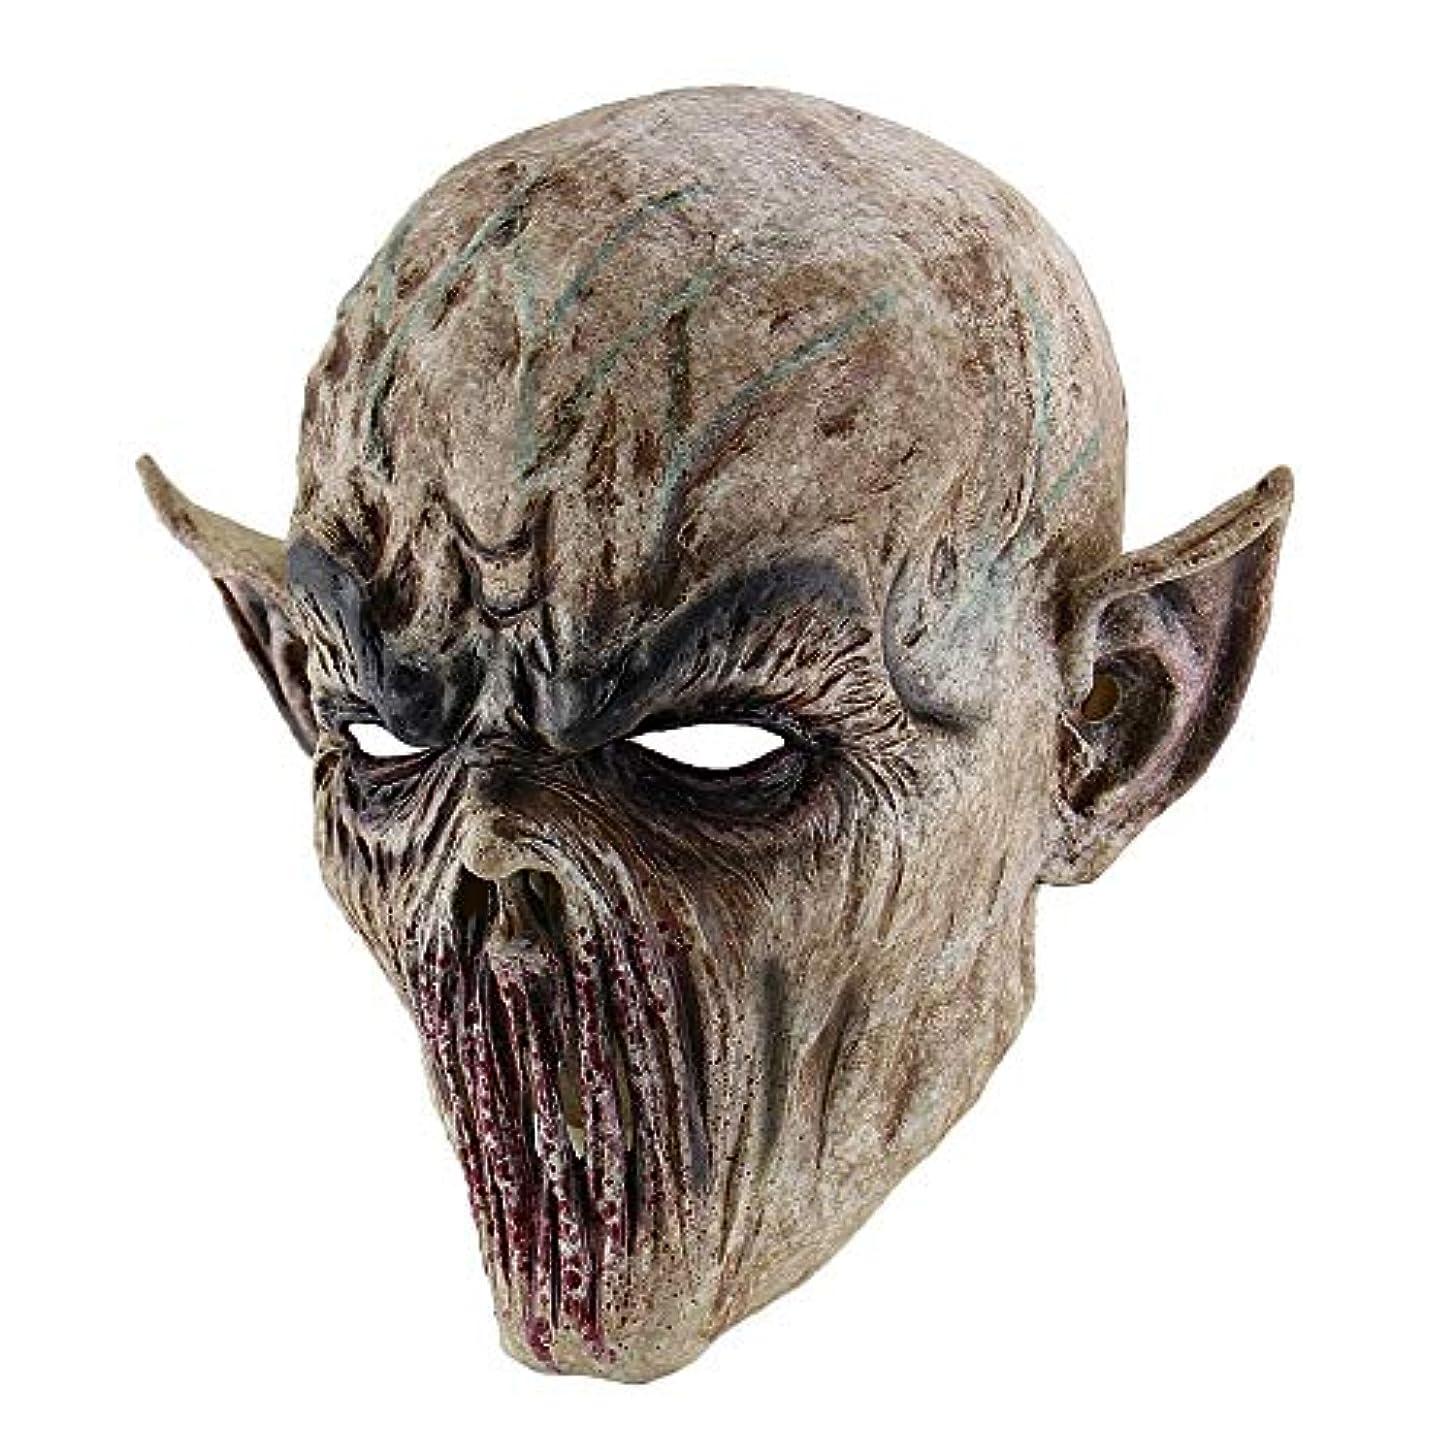 トランクレンズずっと不気味な怖いハロウィーン不気味なラテックスマスク、大人のパーティーコスプレ衣装、仮装衣装,Zombie